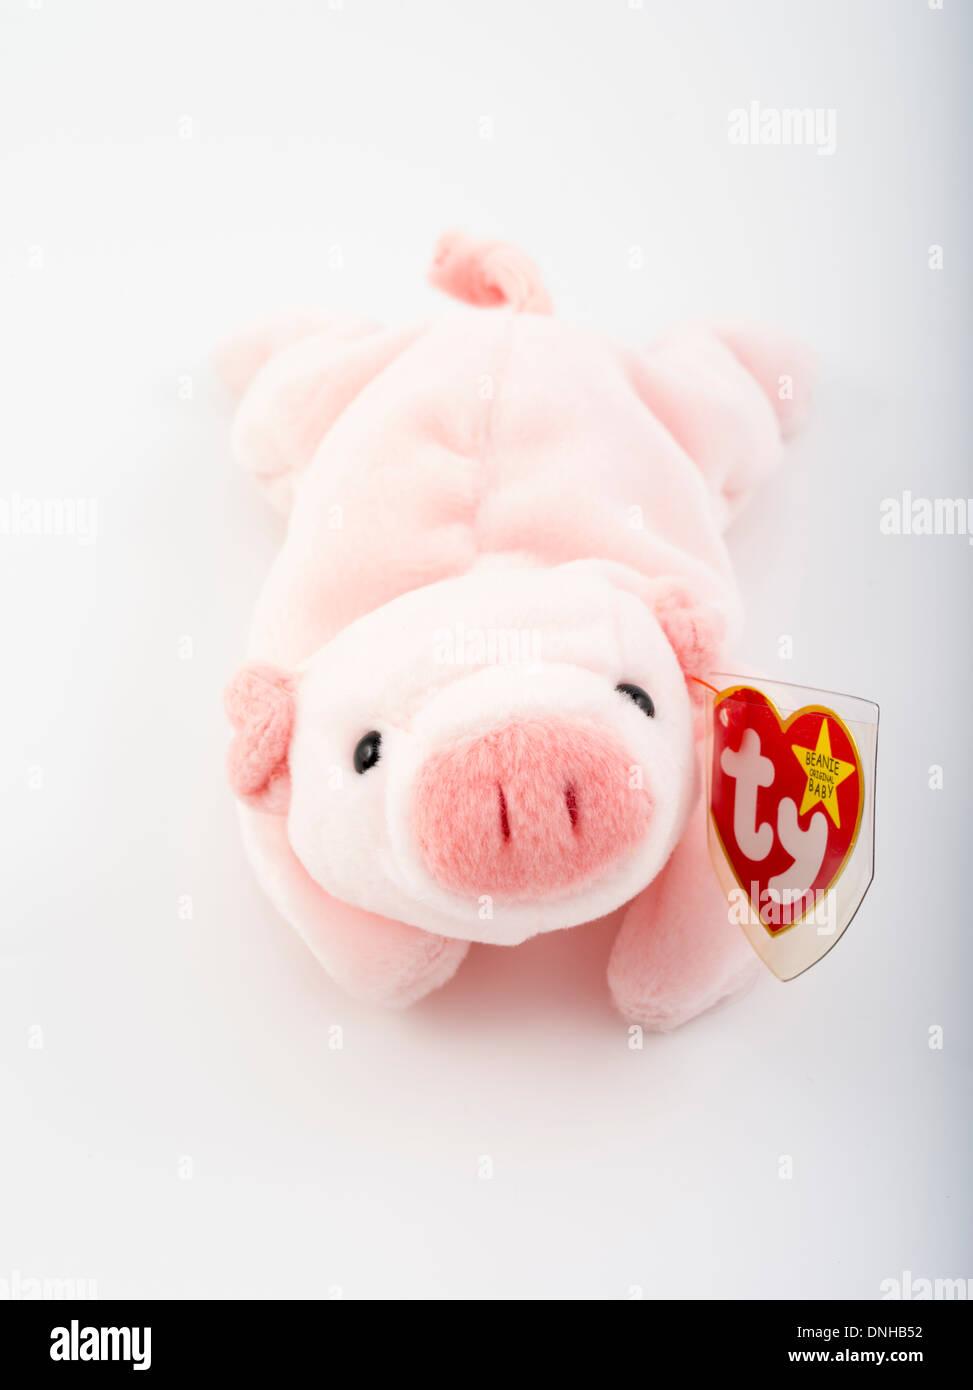 ersten Generation 1993 Beanie Babies - Squealer das Schwein von Ty Warner Inc. Stockbild